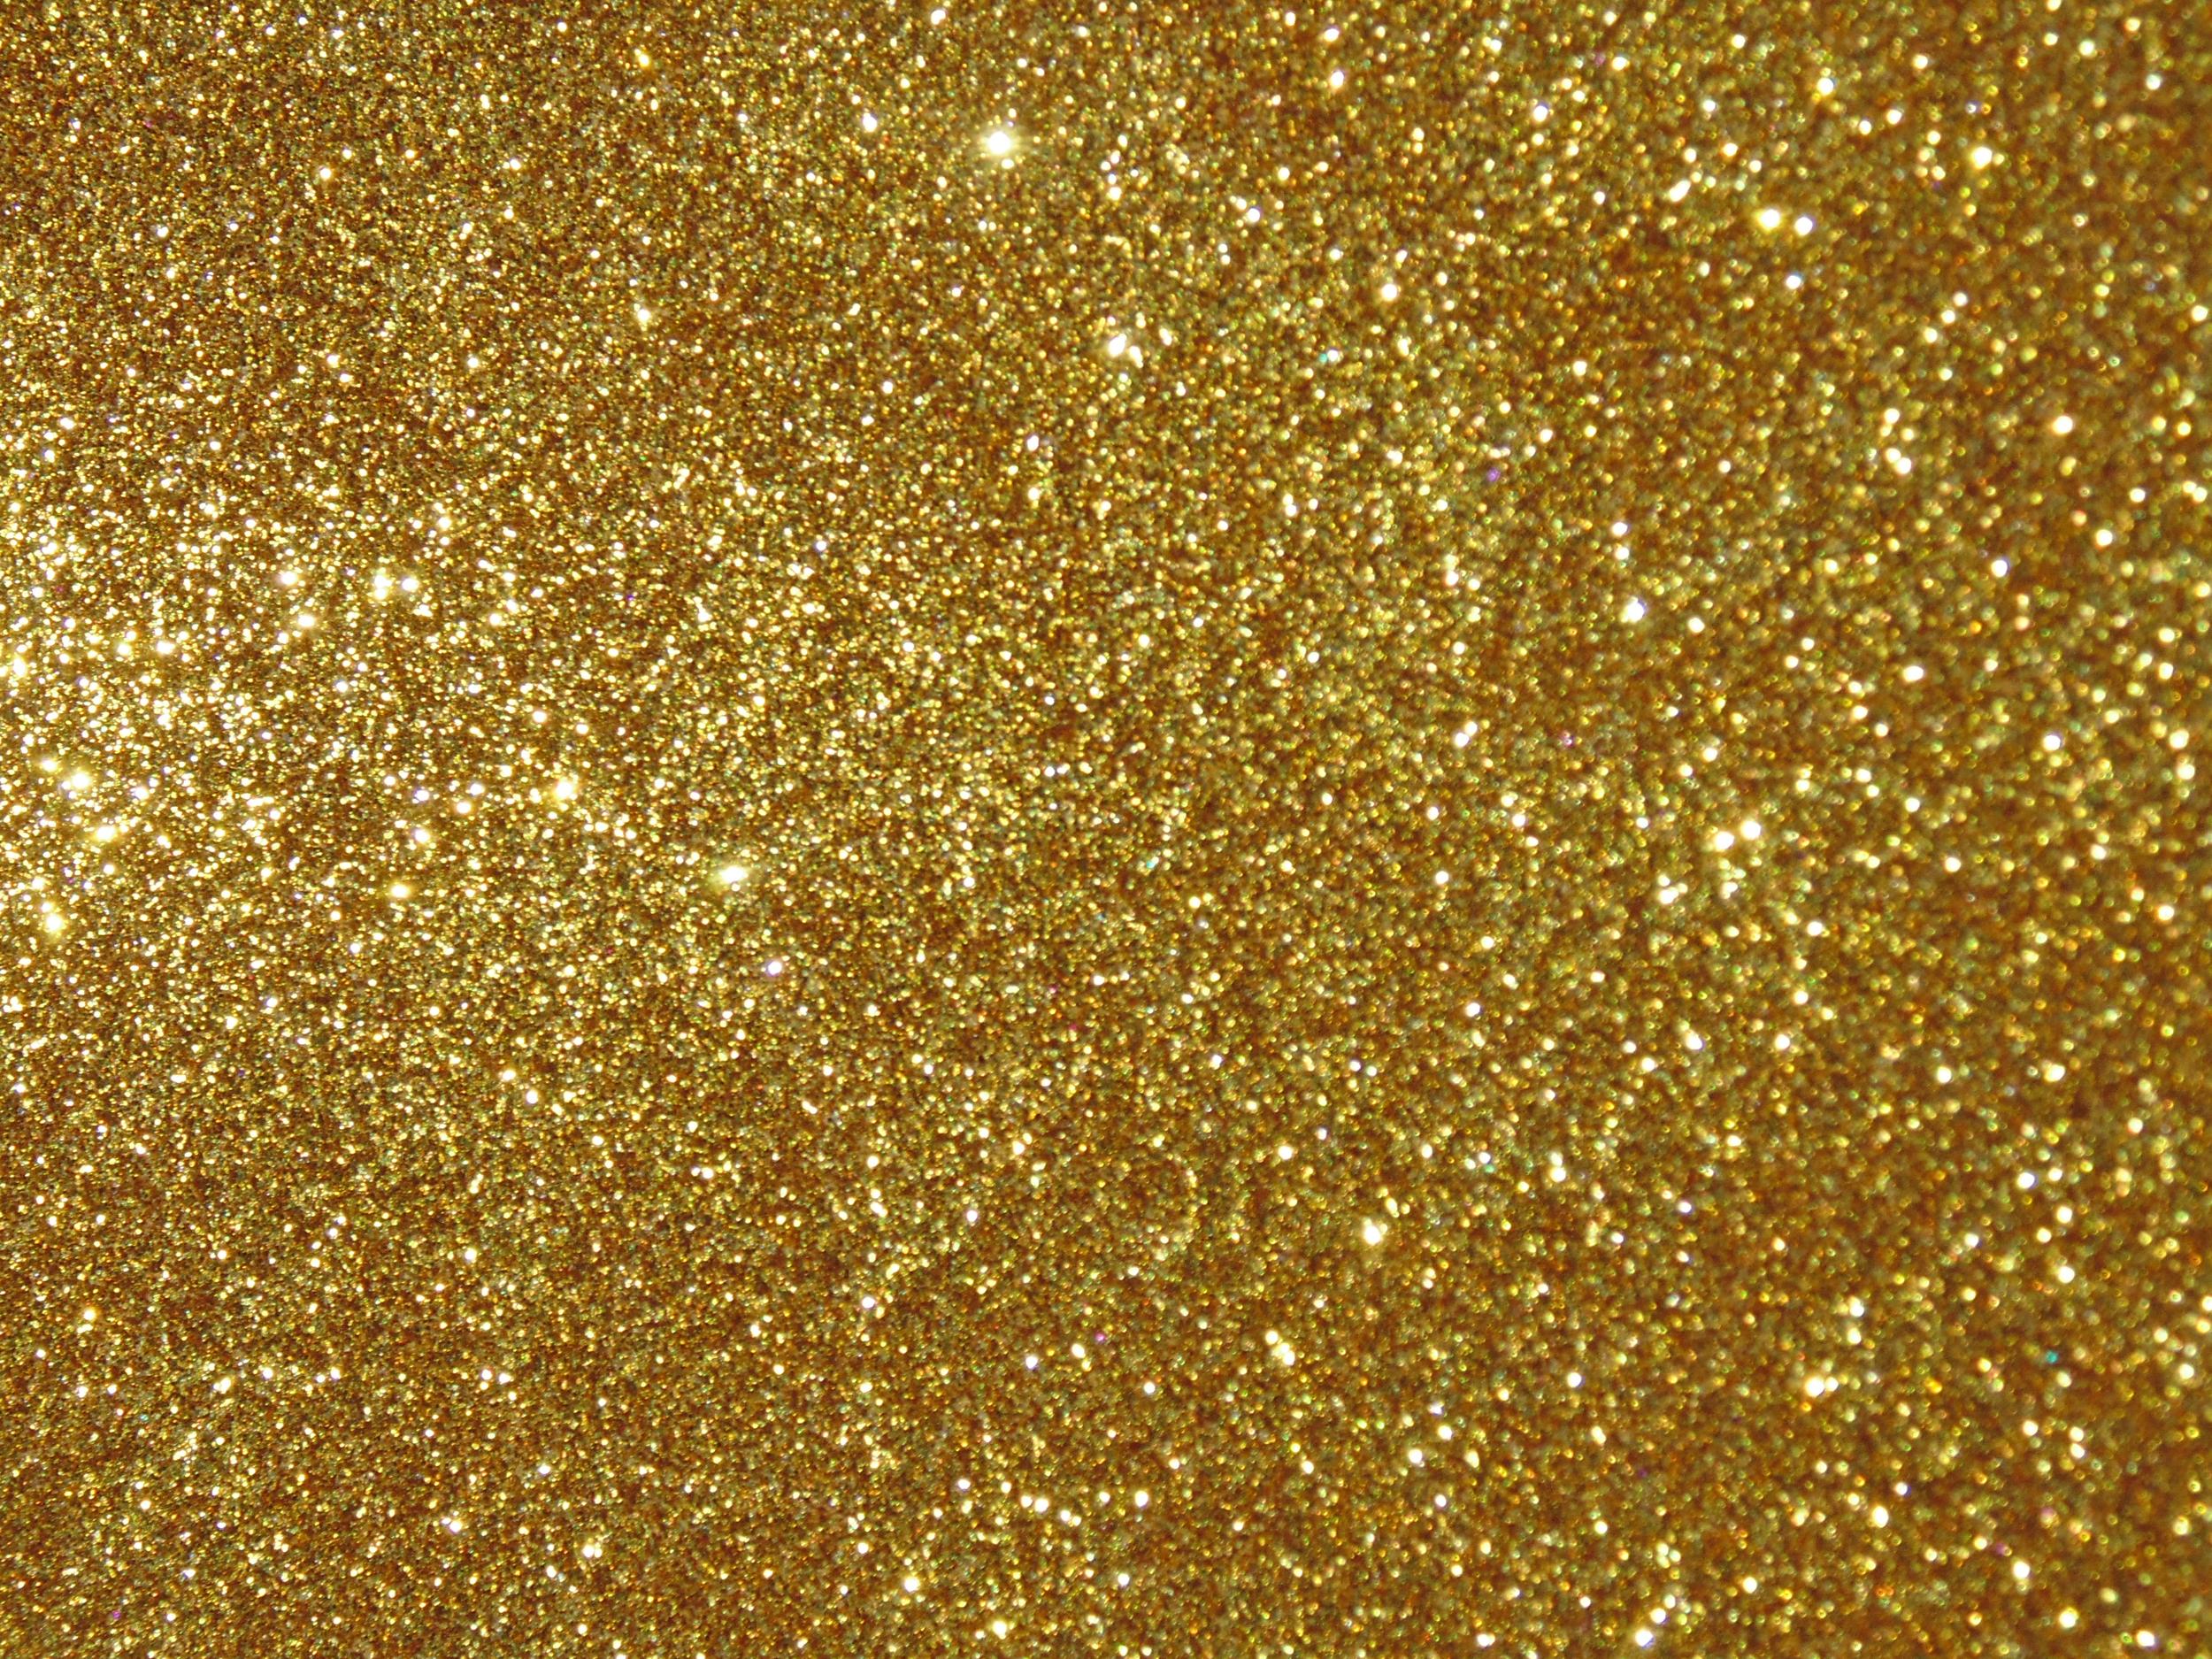 gold glitter, gold glitter texture